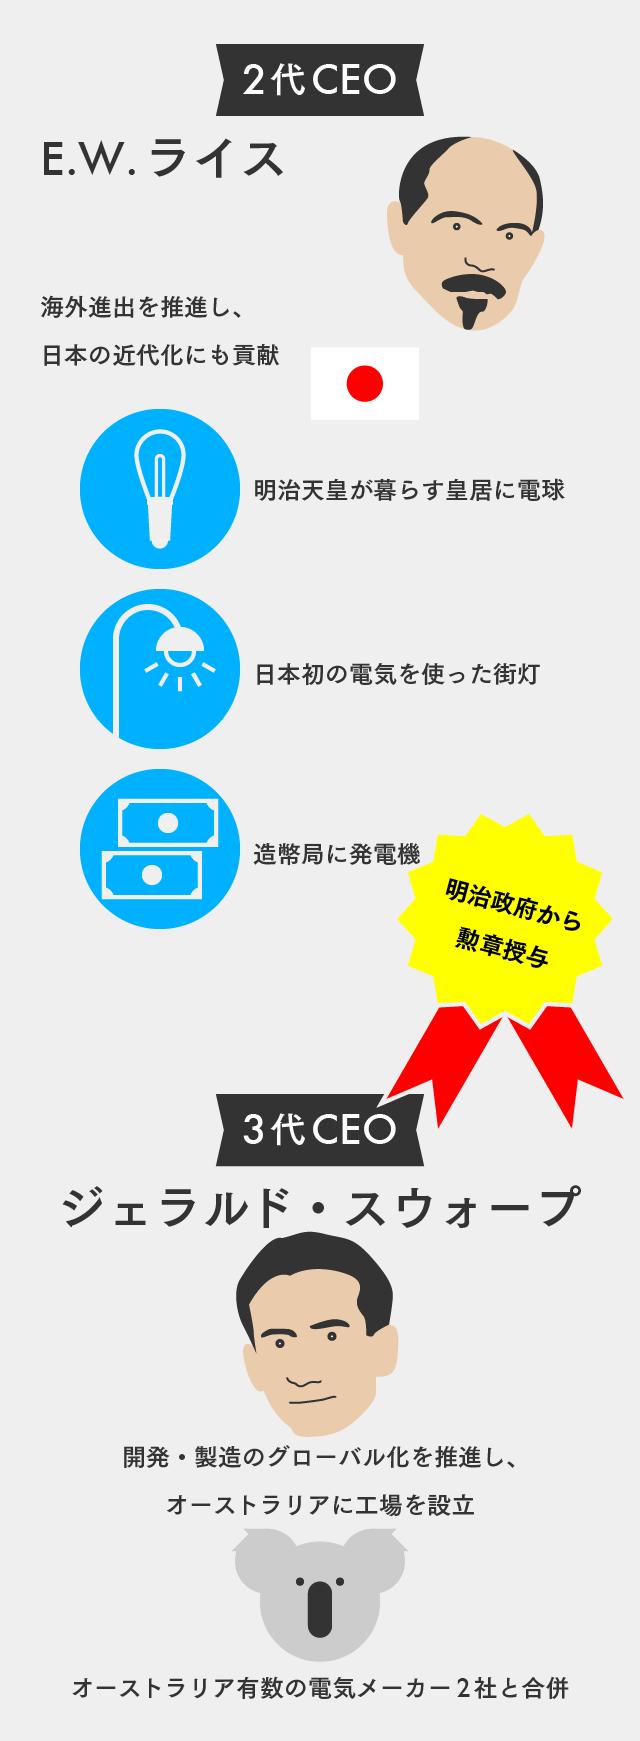 【マスター】GEインフォグラフィック_20150929-04